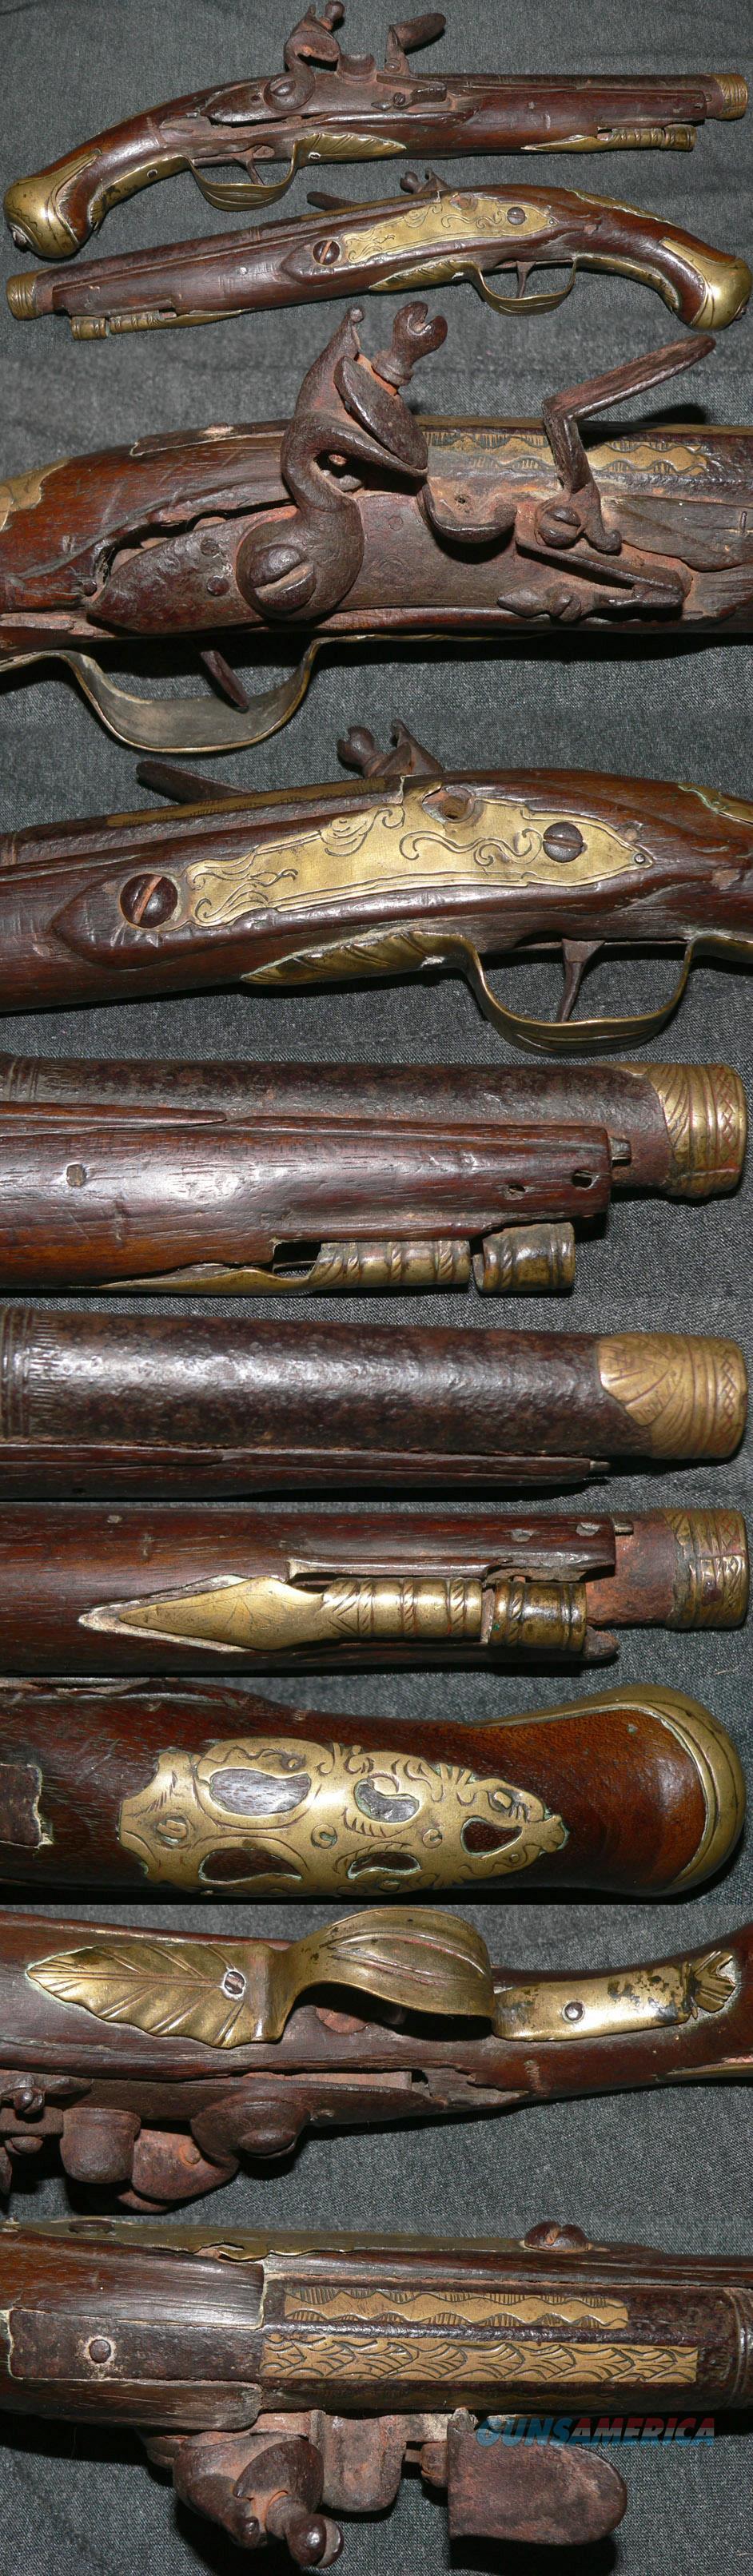 very early C1700-20 flintlock belt style pistol  Guns > Pistols > Muzzleloading Pre-1899 Pistols (flint)